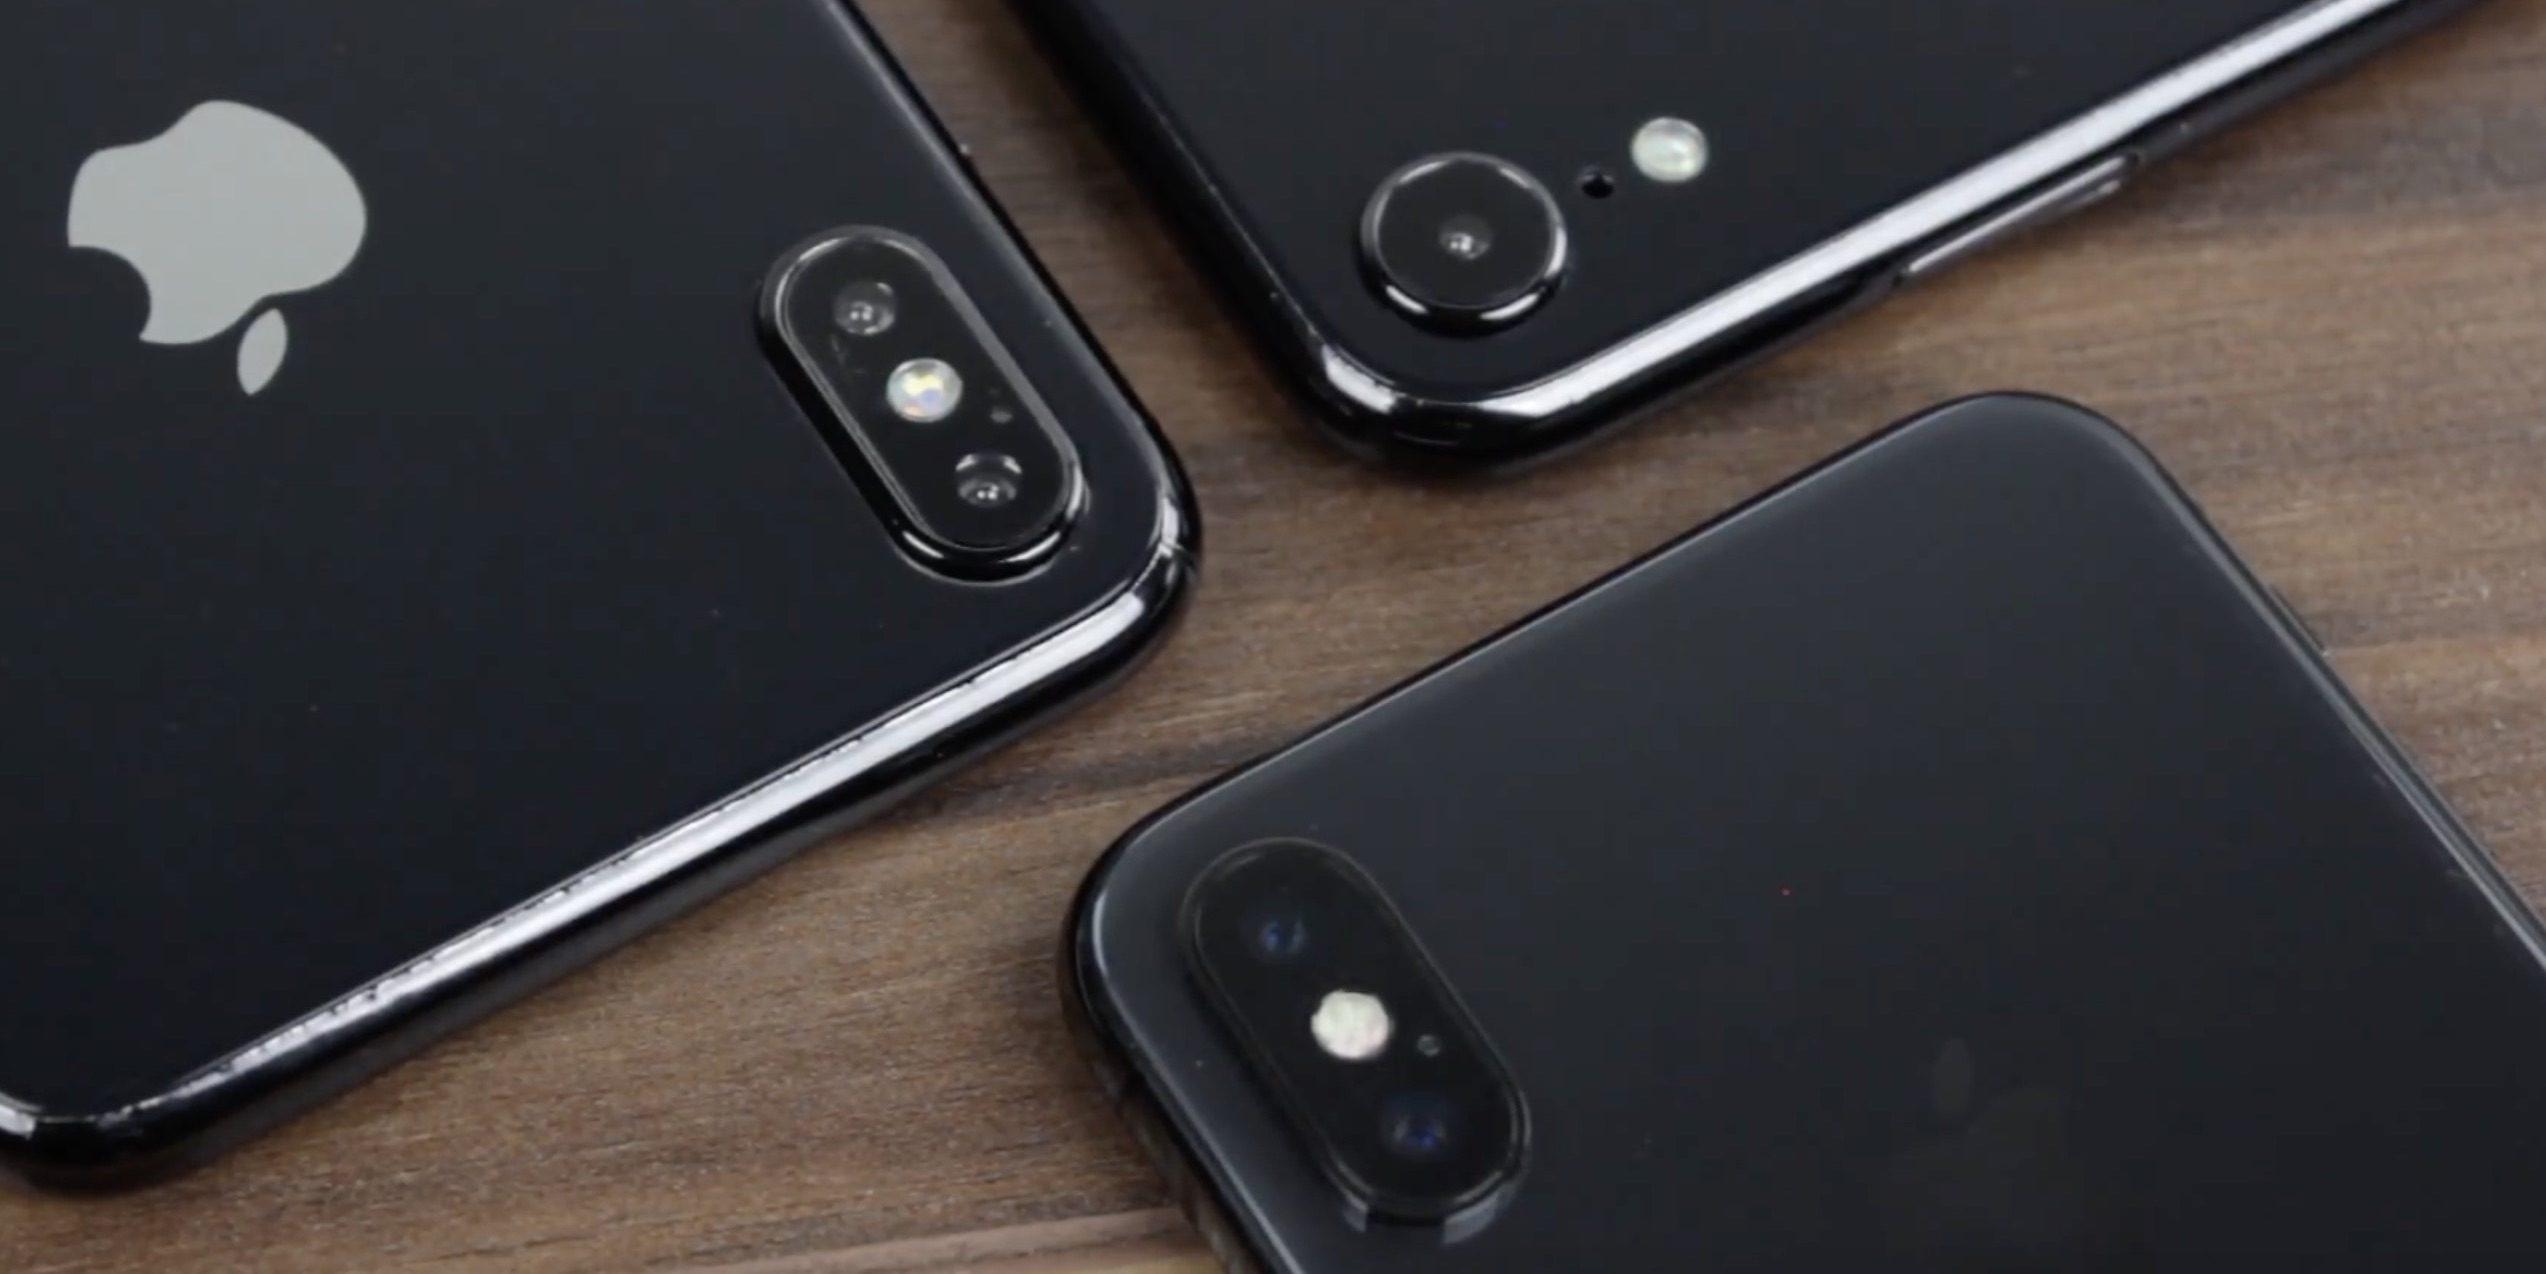 Не ждите двухсимочный iPhone 9 в России. Он для Китая 😭